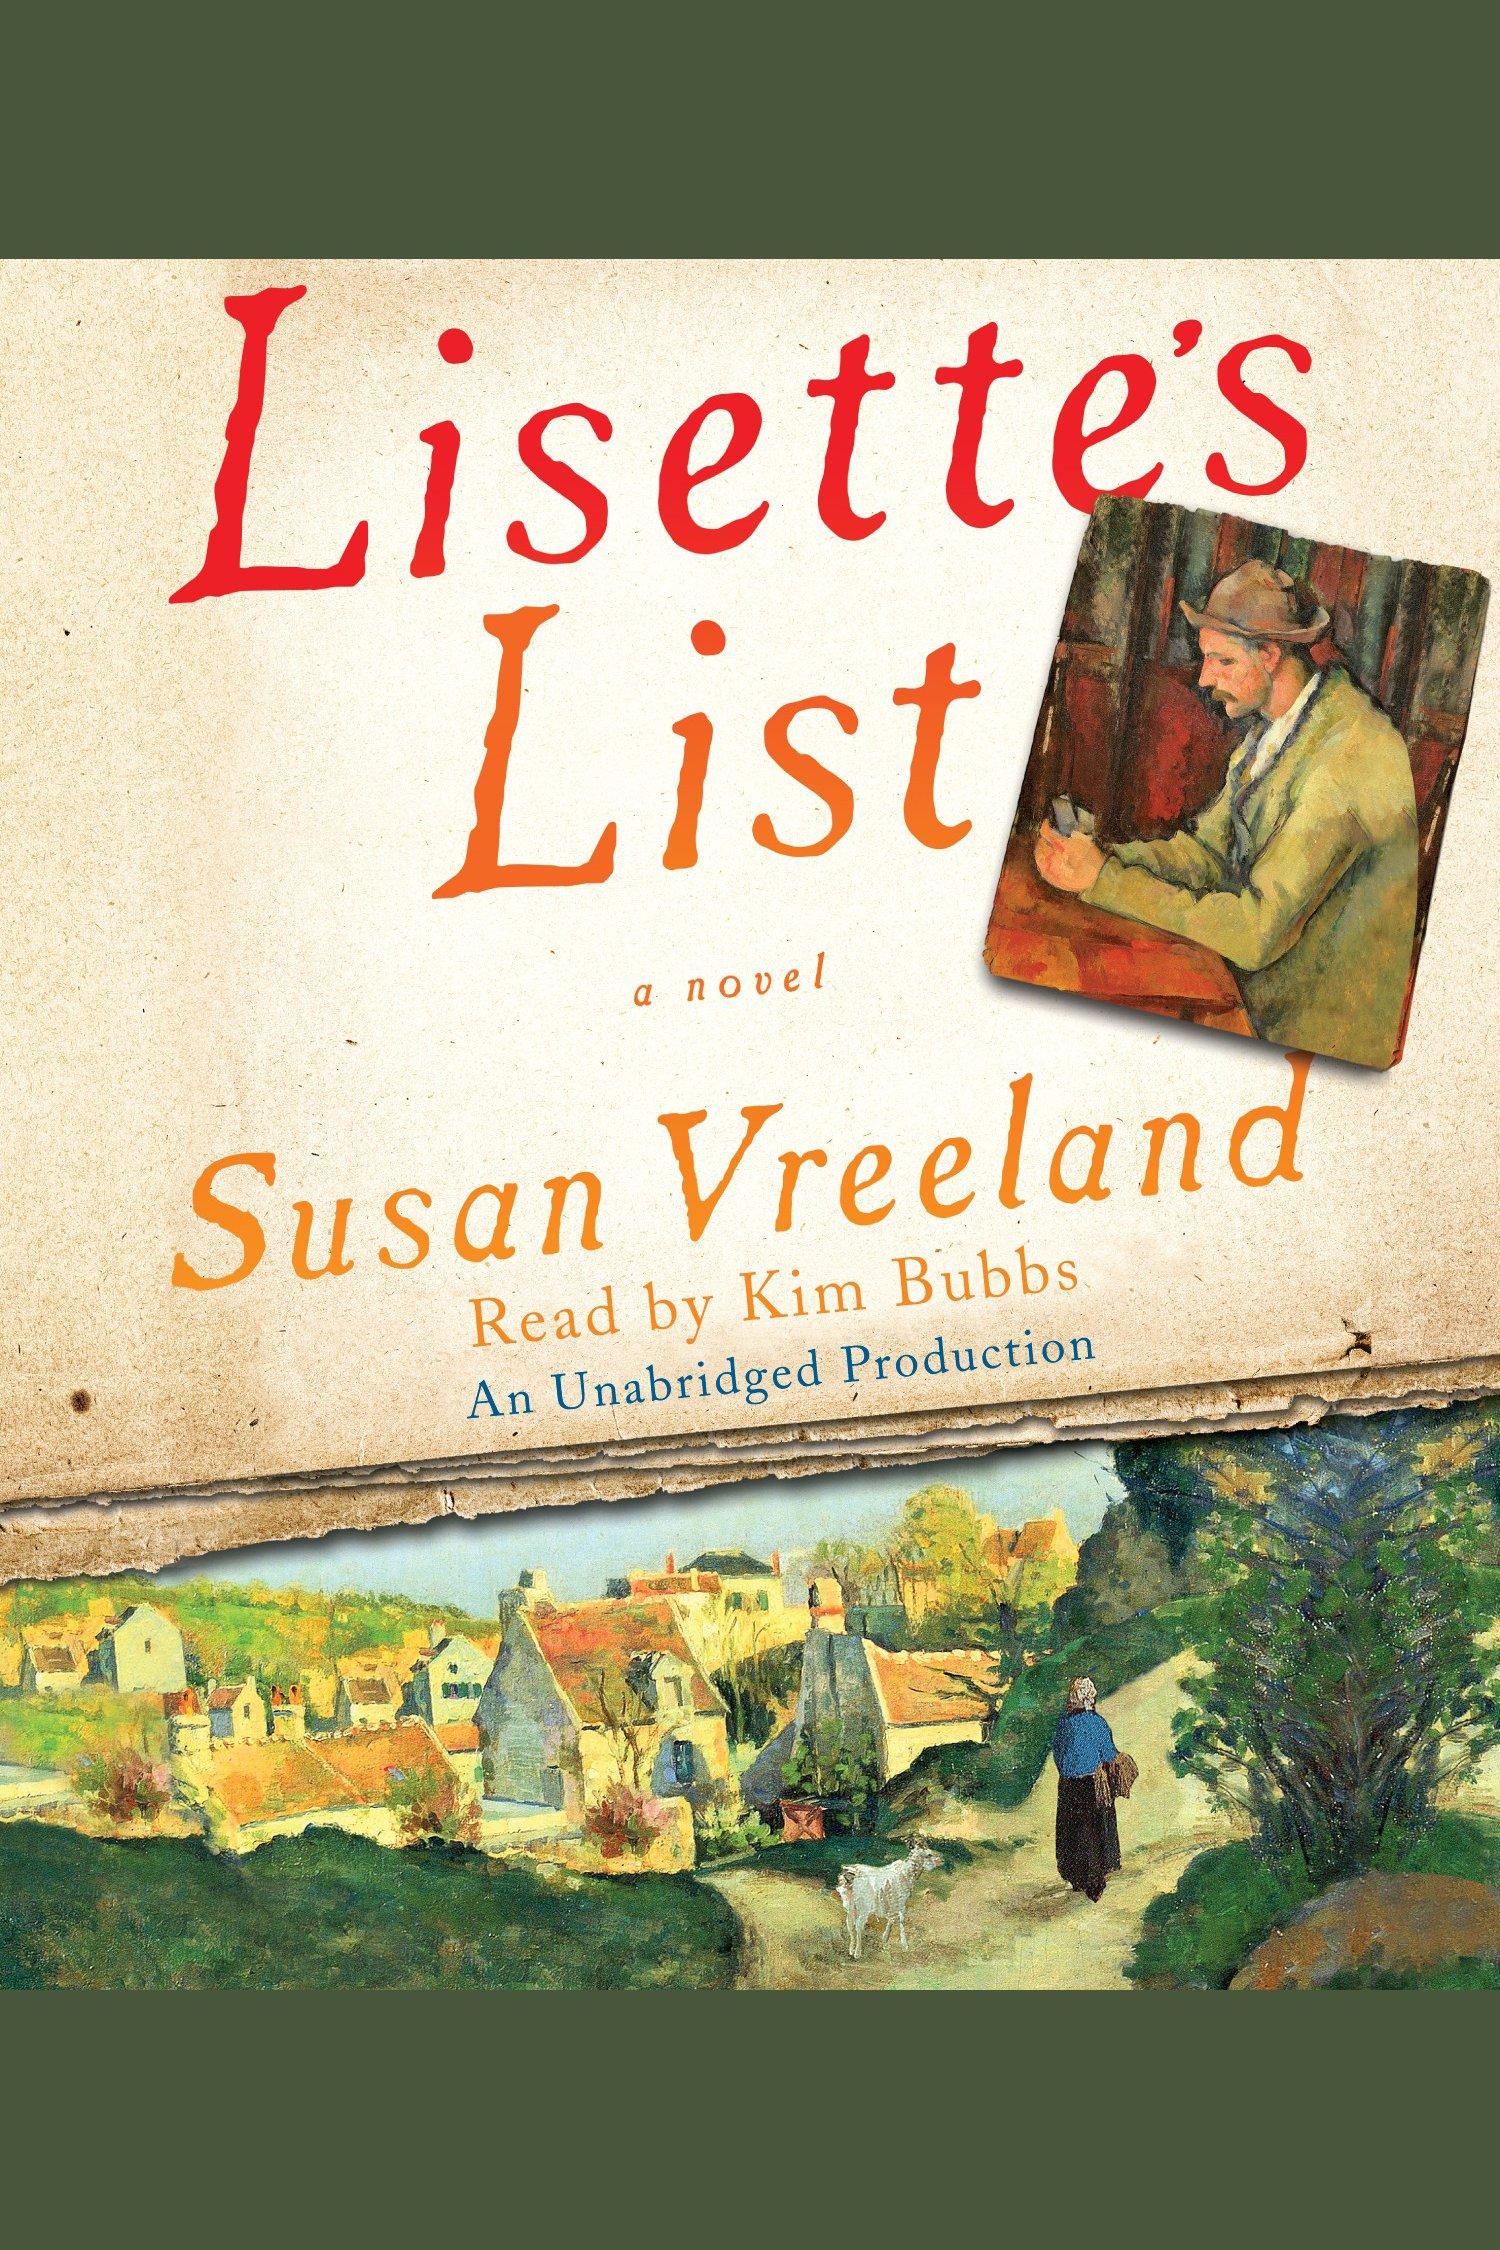 Lisette's list cover image